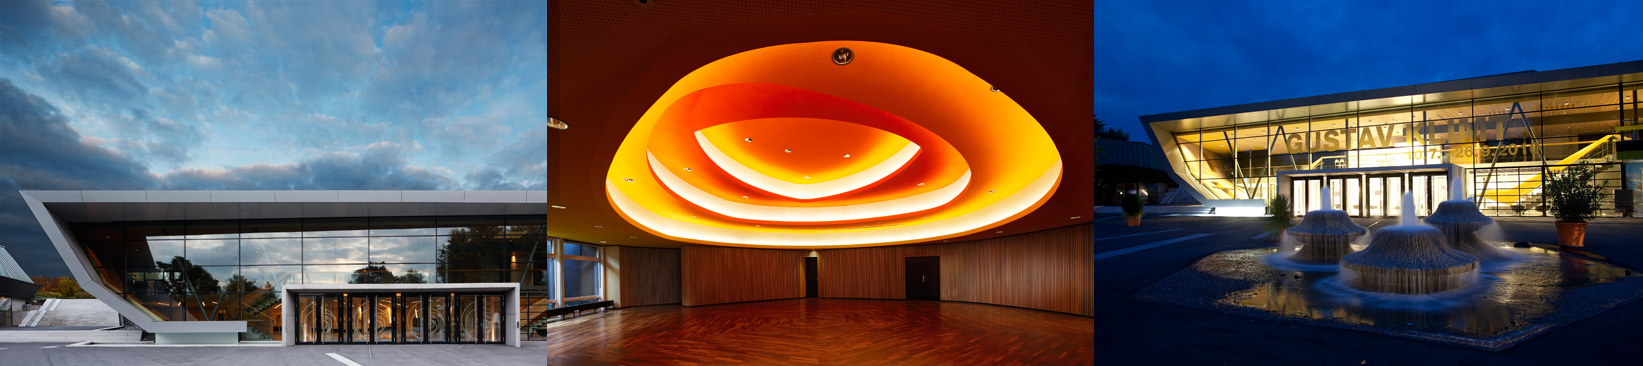 Fotoimpressionen von Balinger Stadthalle (Bildquelle: Stadthalle Balingen / Stadt Balingen)